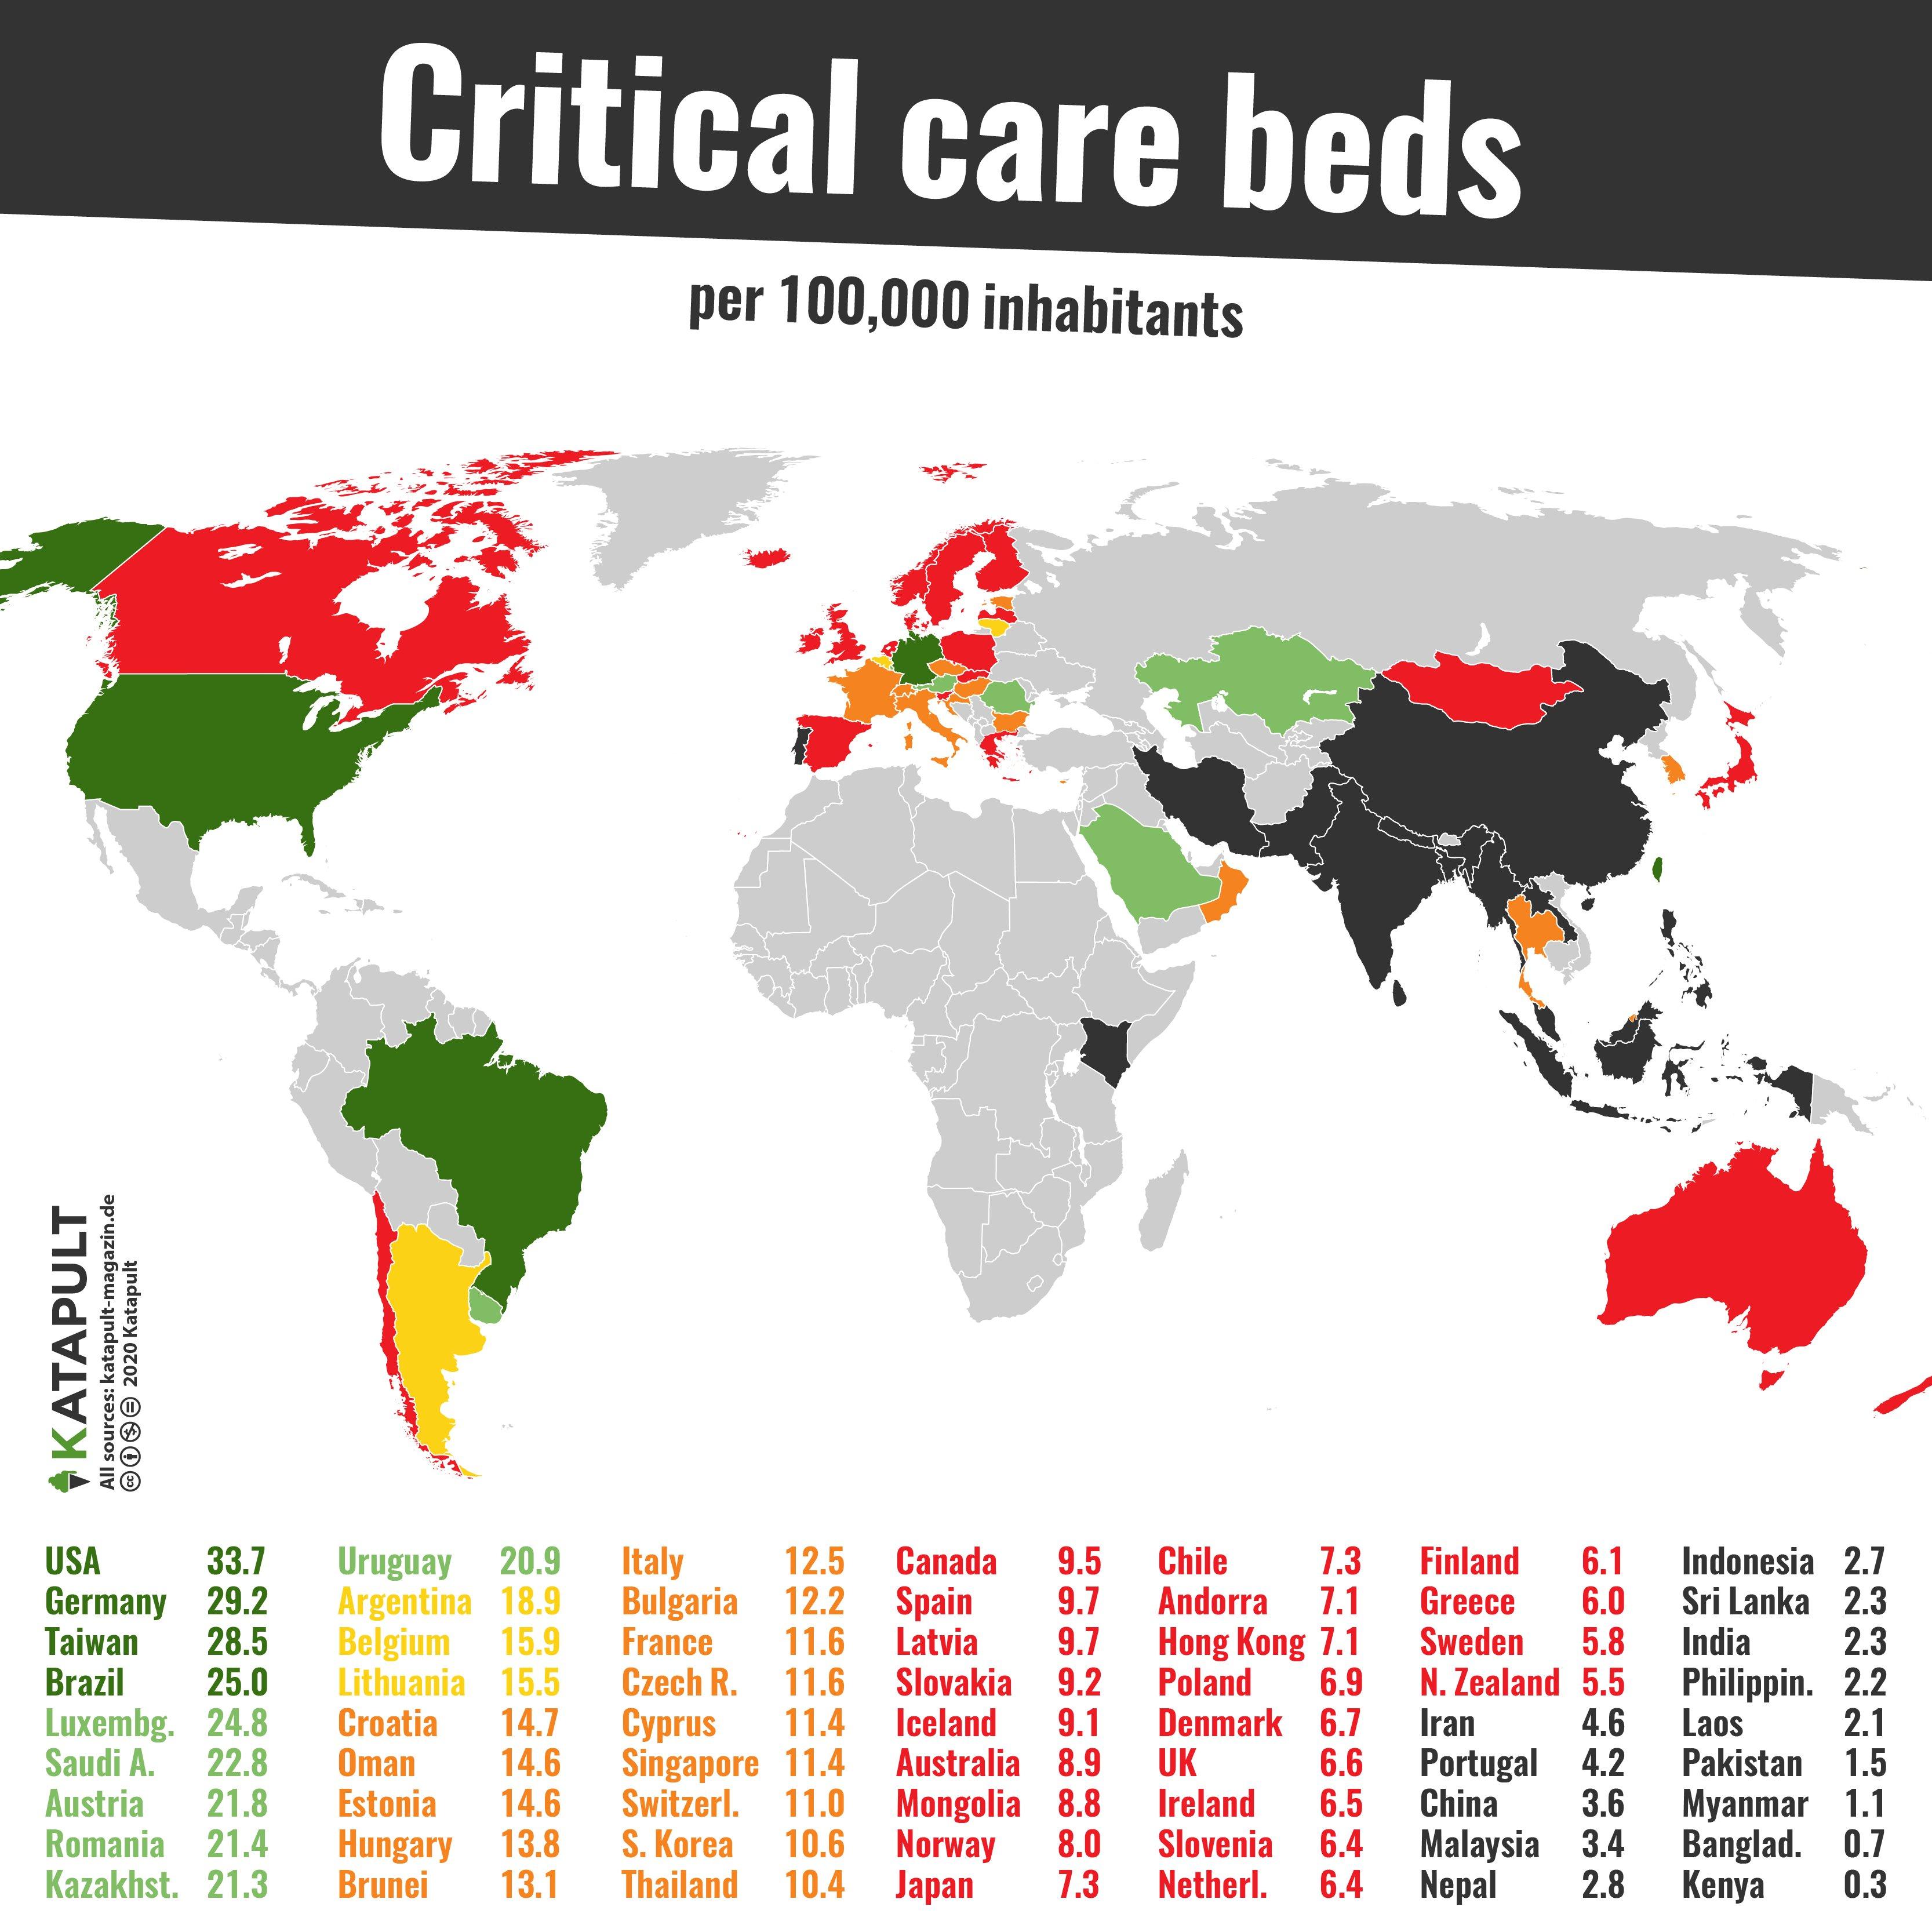 critical_care_beds_per_capita